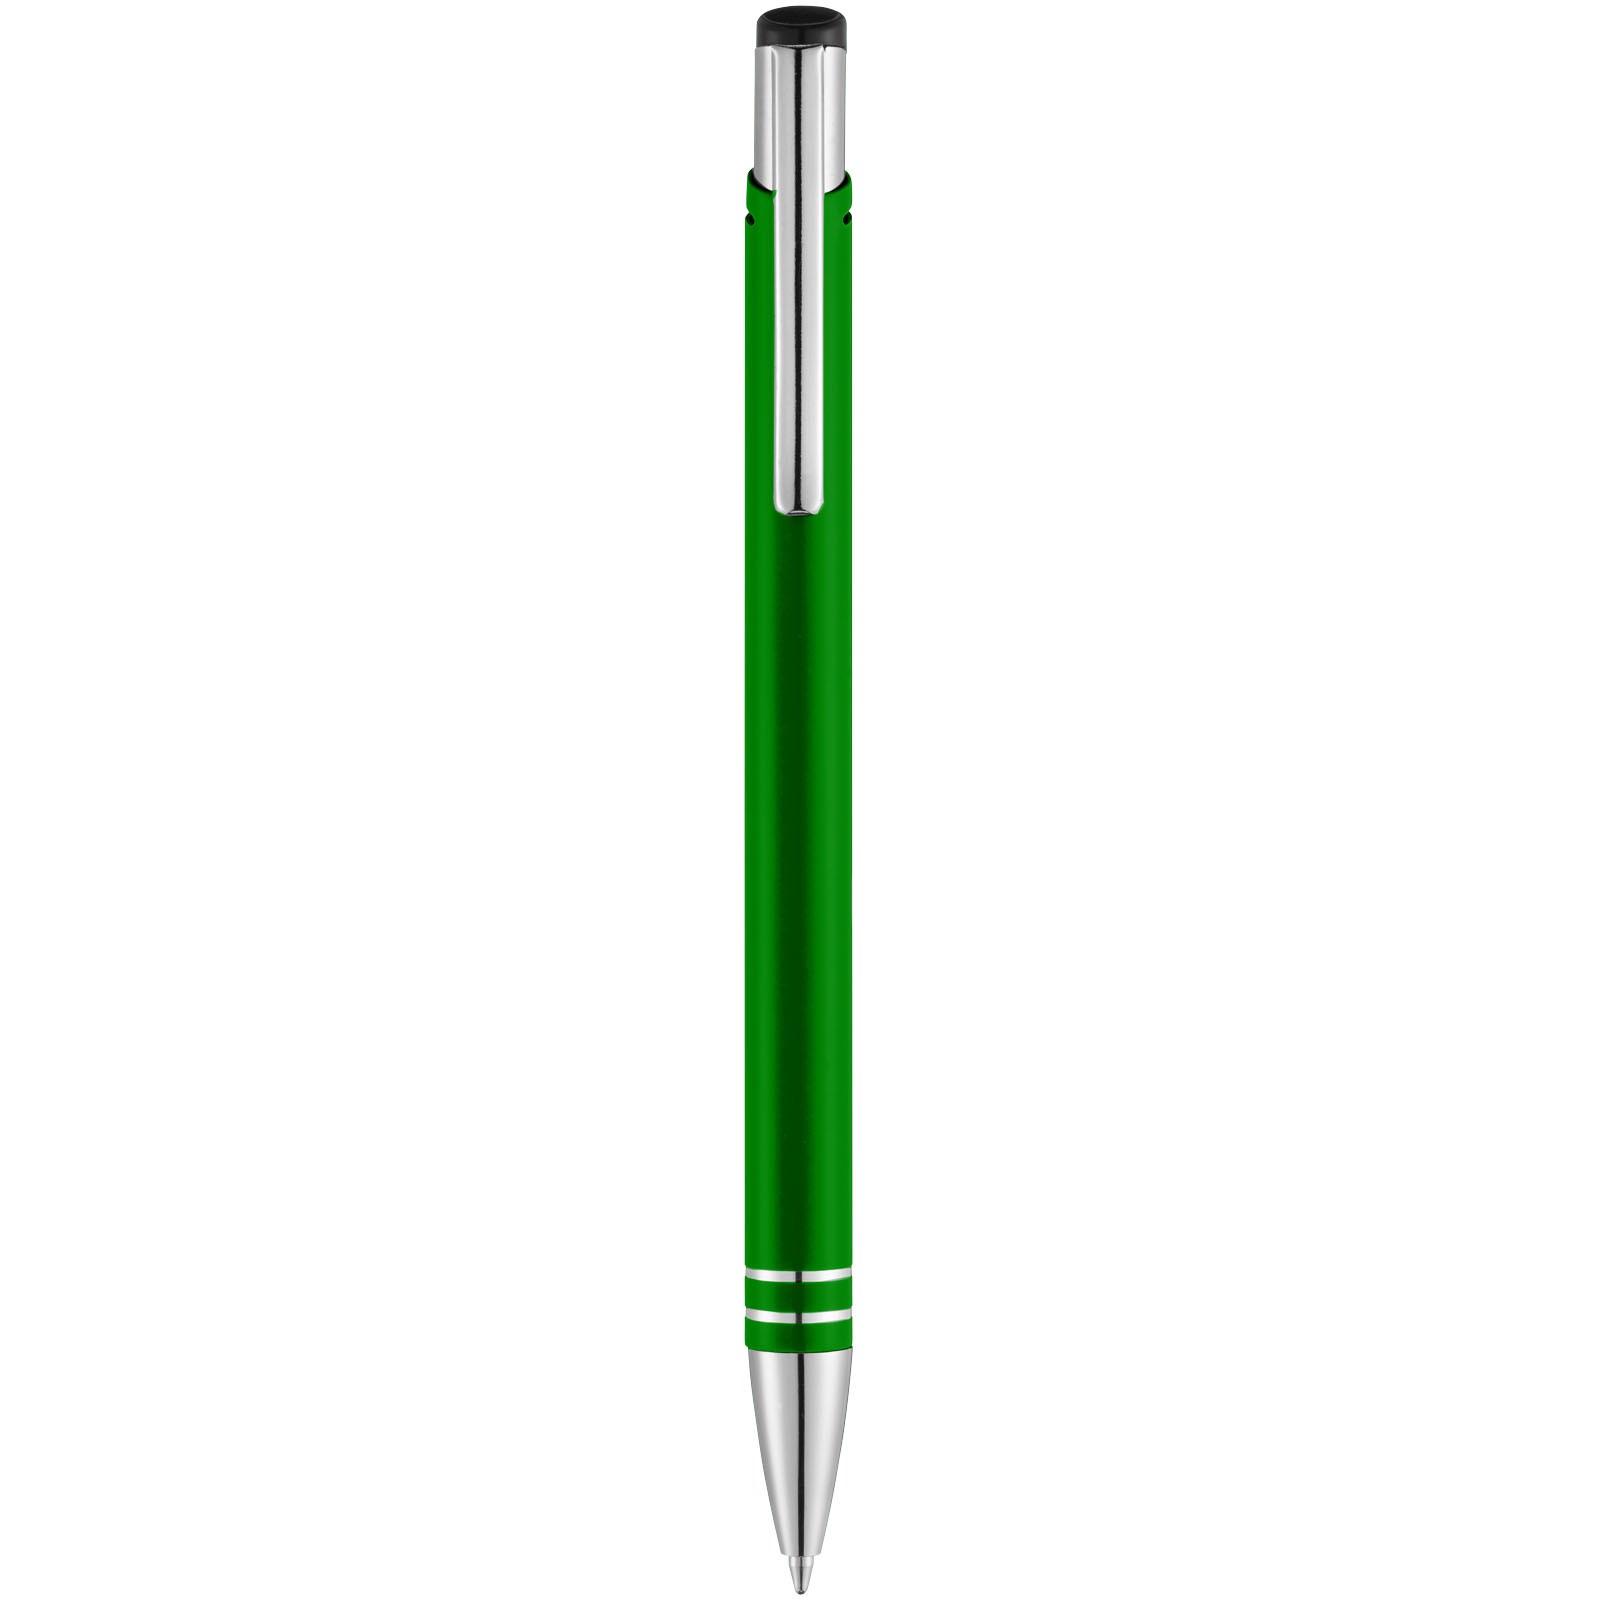 Hawk Kugelschreiber - Grün